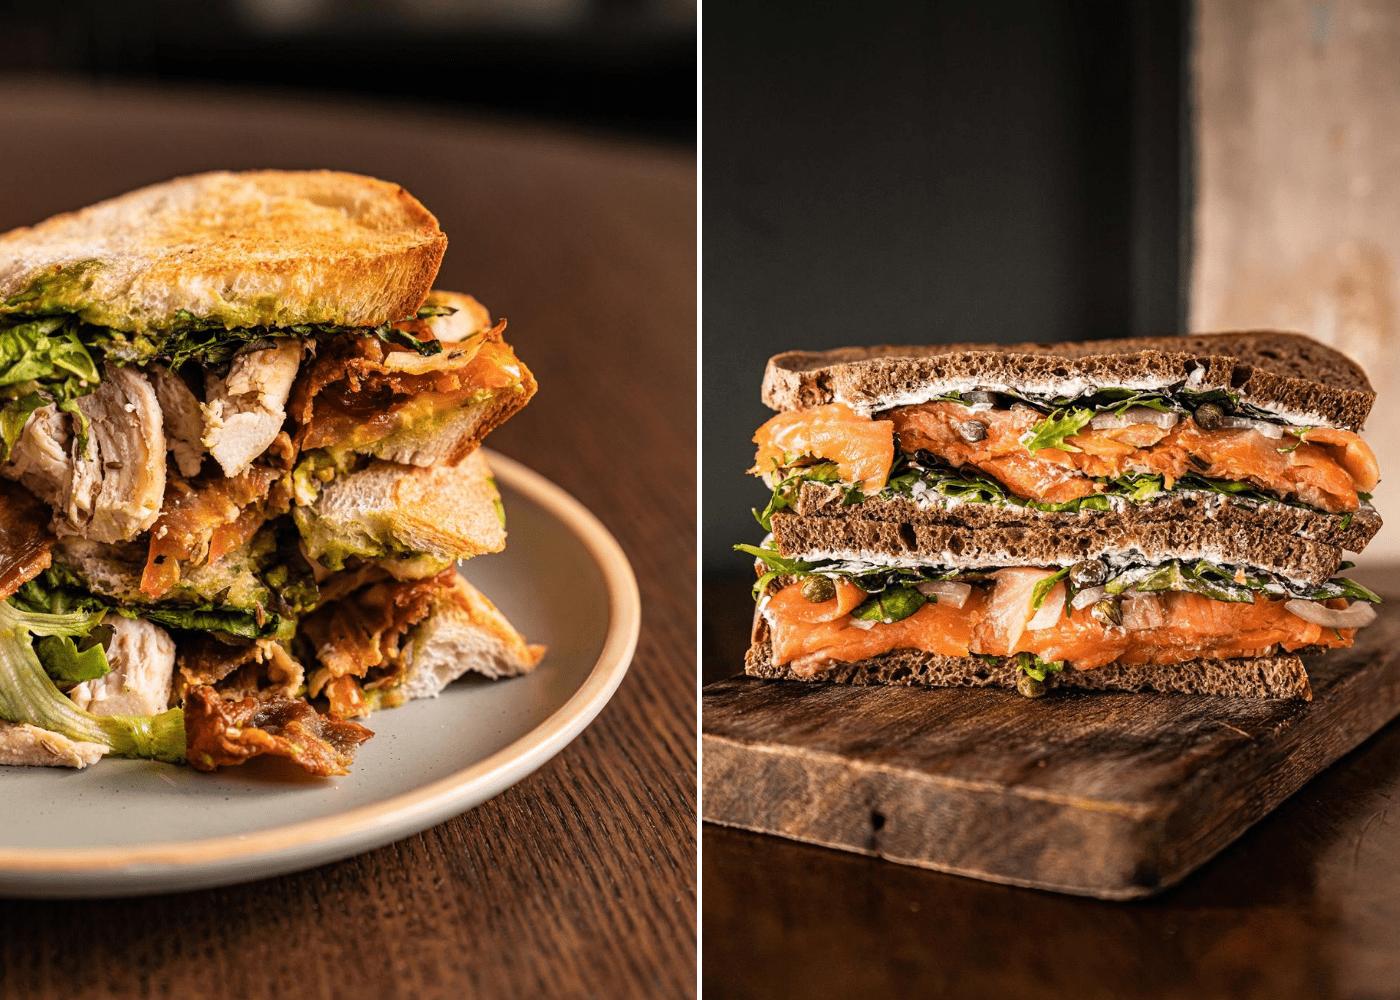 sarnies | best sandwiches in singapore